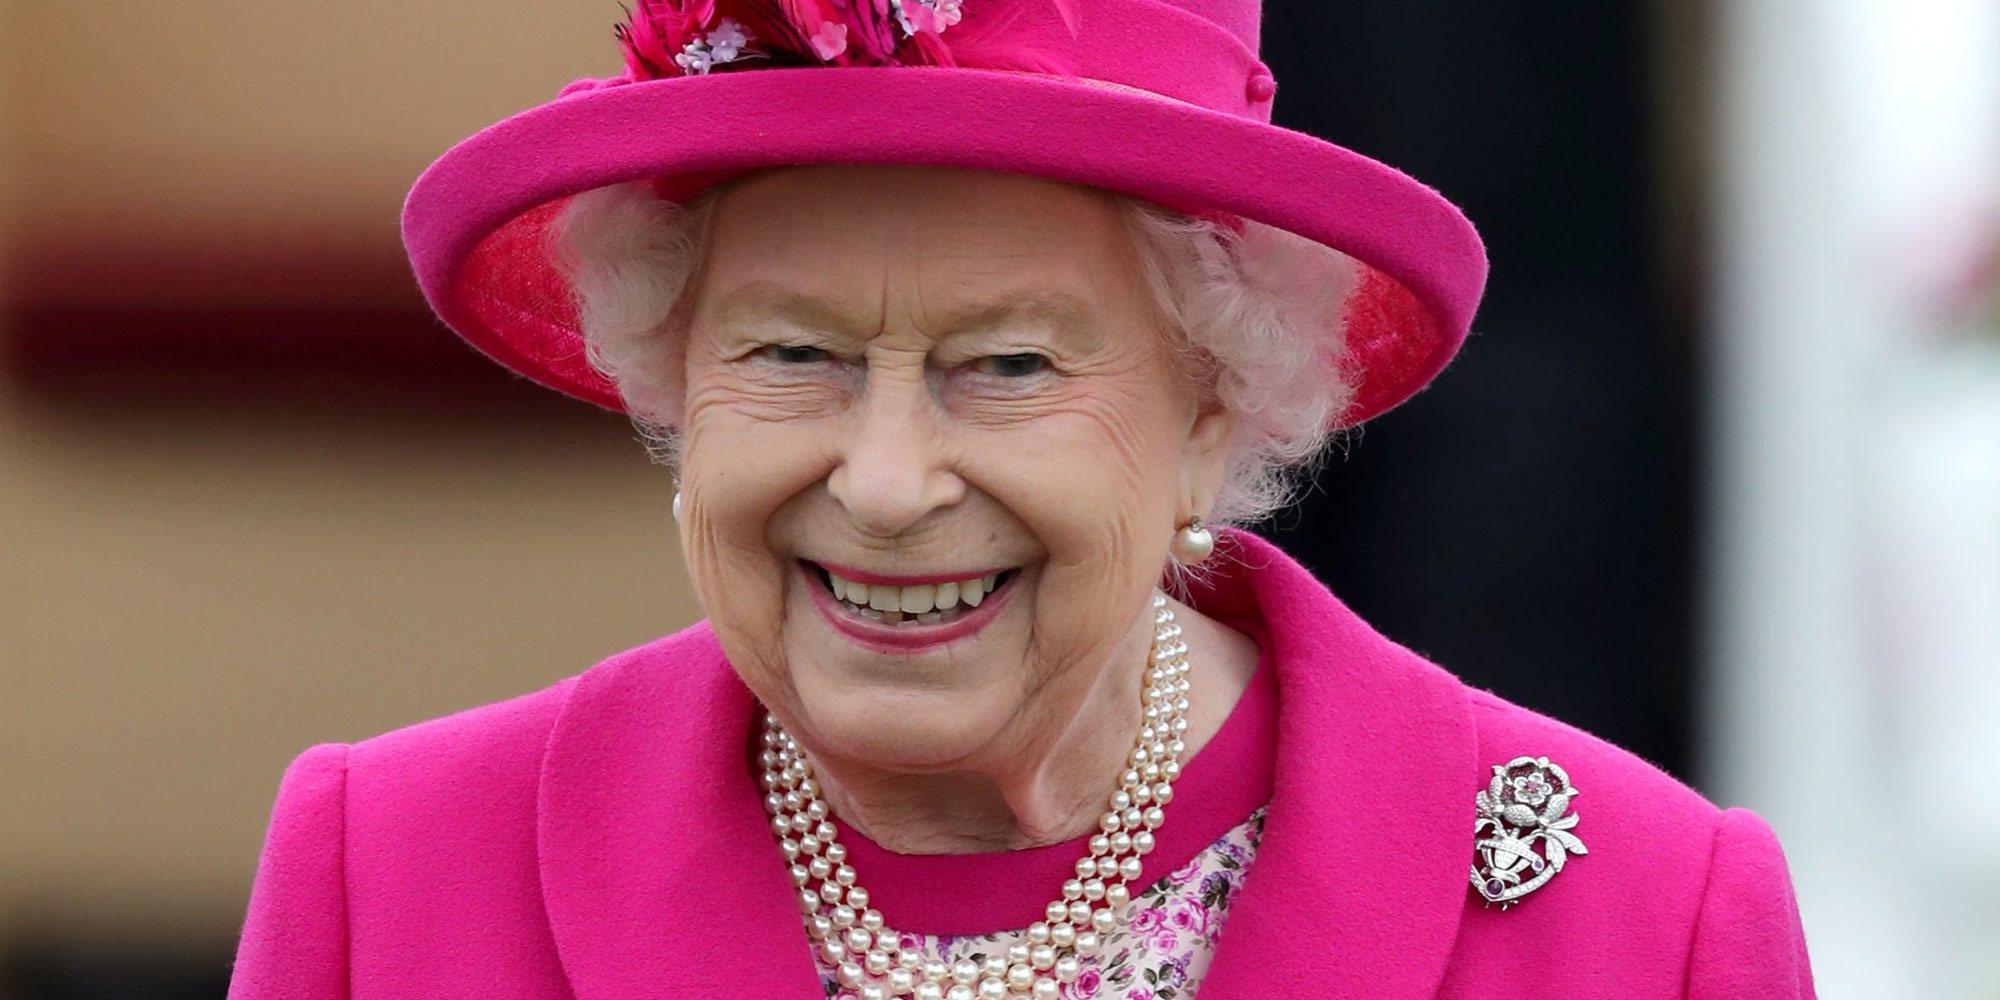 Primeros detalles sobre el Jubileo de Platino de la Reina Isabel: cuatro días festivos y celebraciones espectaculares